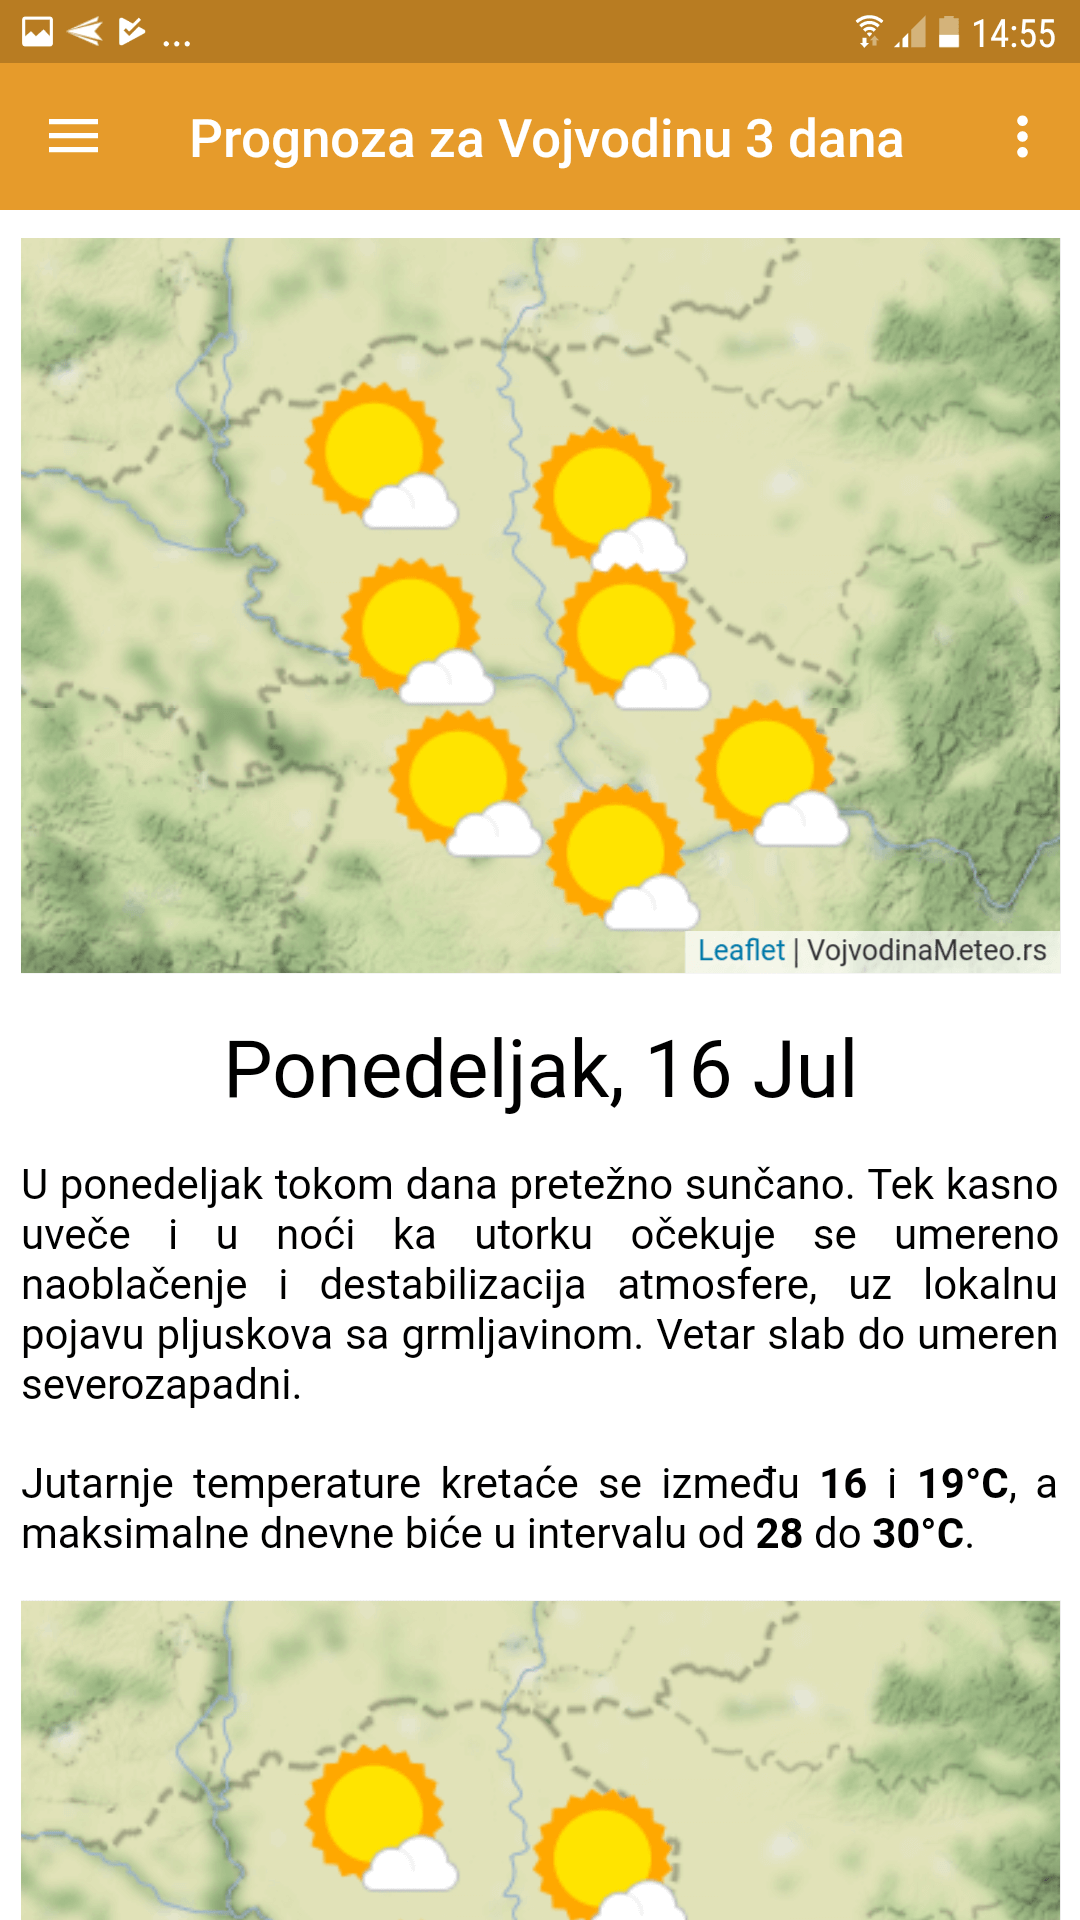 Trodnevna VM prognoza za Vojvodinu i Beograd